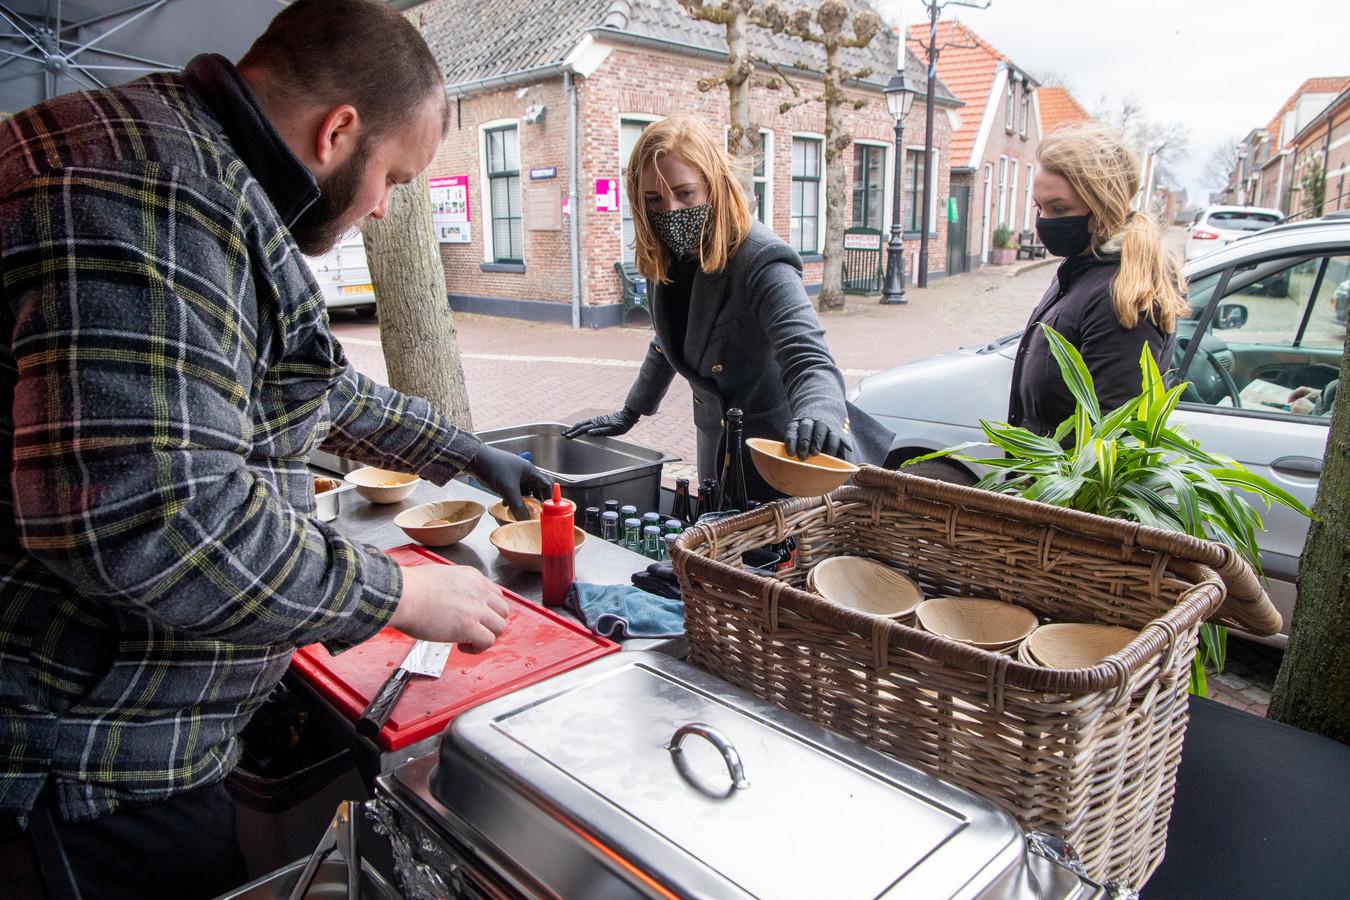 Kok Christiaan Hakkers van restaurant De Woage in Gramsbergen bereidt een gerecht met langzaam gegaarde kip. Corine Klein en Indy Loopers (rechts) serveren het coronaproof aan de passerende deelnemers aan de Route Culinair du Vechtdal.